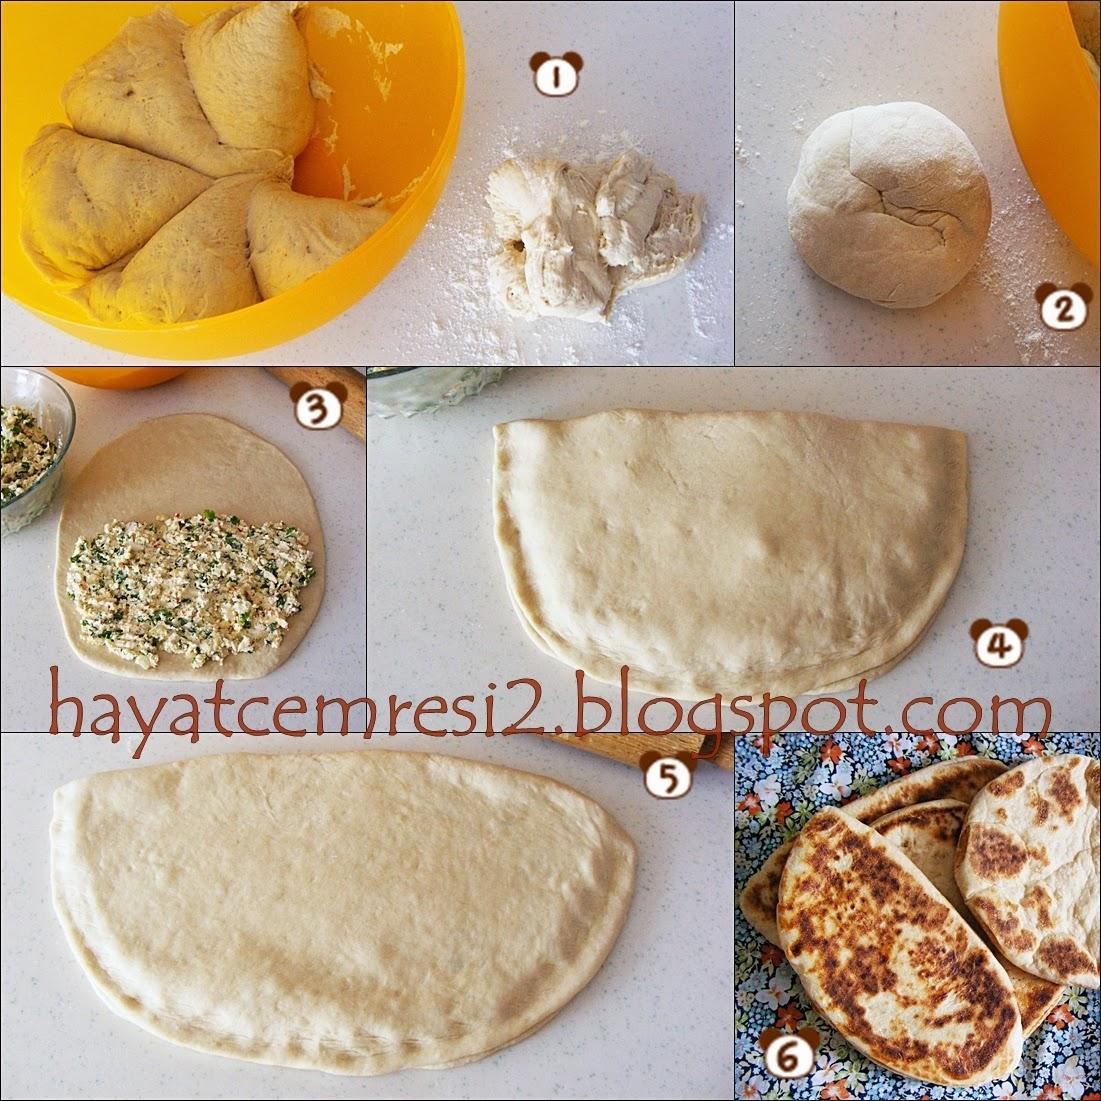 cokelekli peynirli bazlama ekmek 3